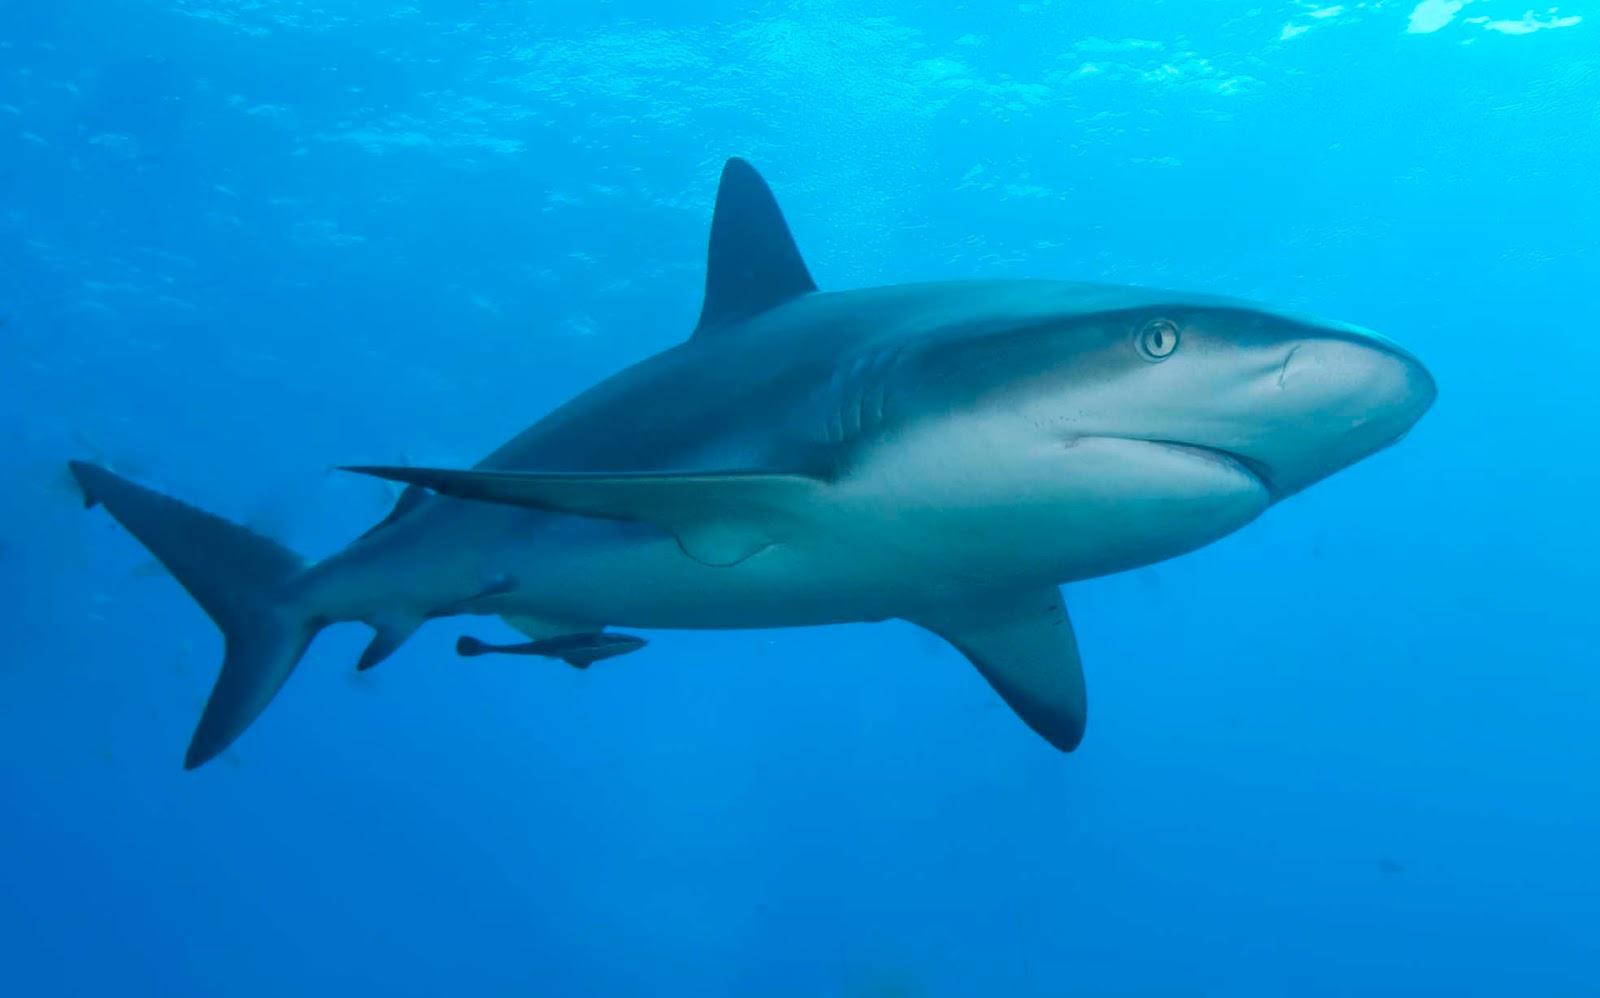 Dwa filmy o rekinach: <i>Podwodne życie ze Stevem Zissou</i> (2004) oraz <i>Orzeł kontra rekin</i> (2007)